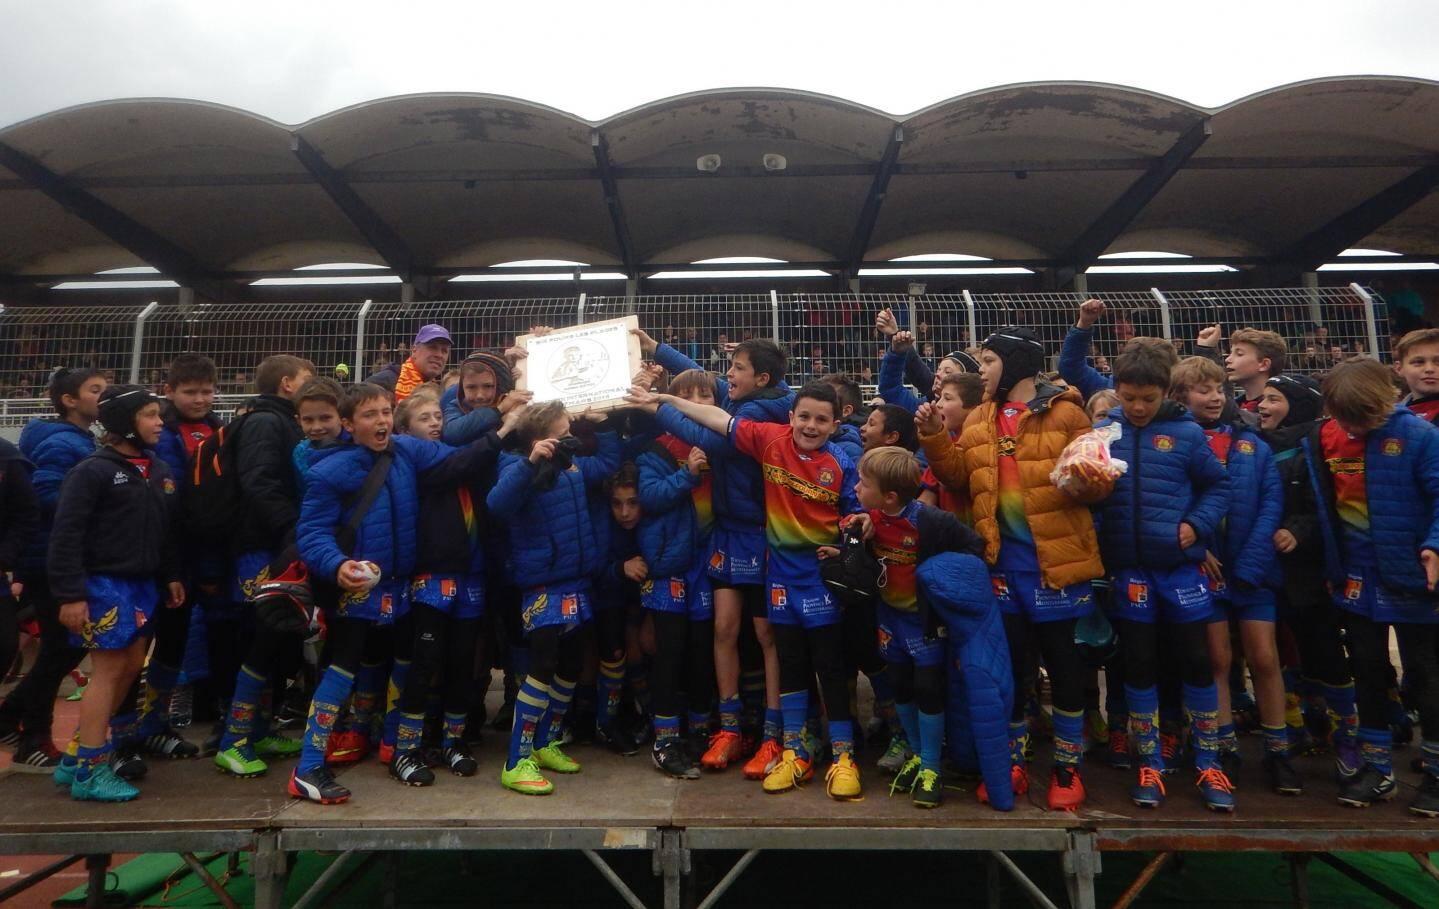 Les jeunes du Pays Six-Fournais (M10 et M12) finissent à la troisième place.